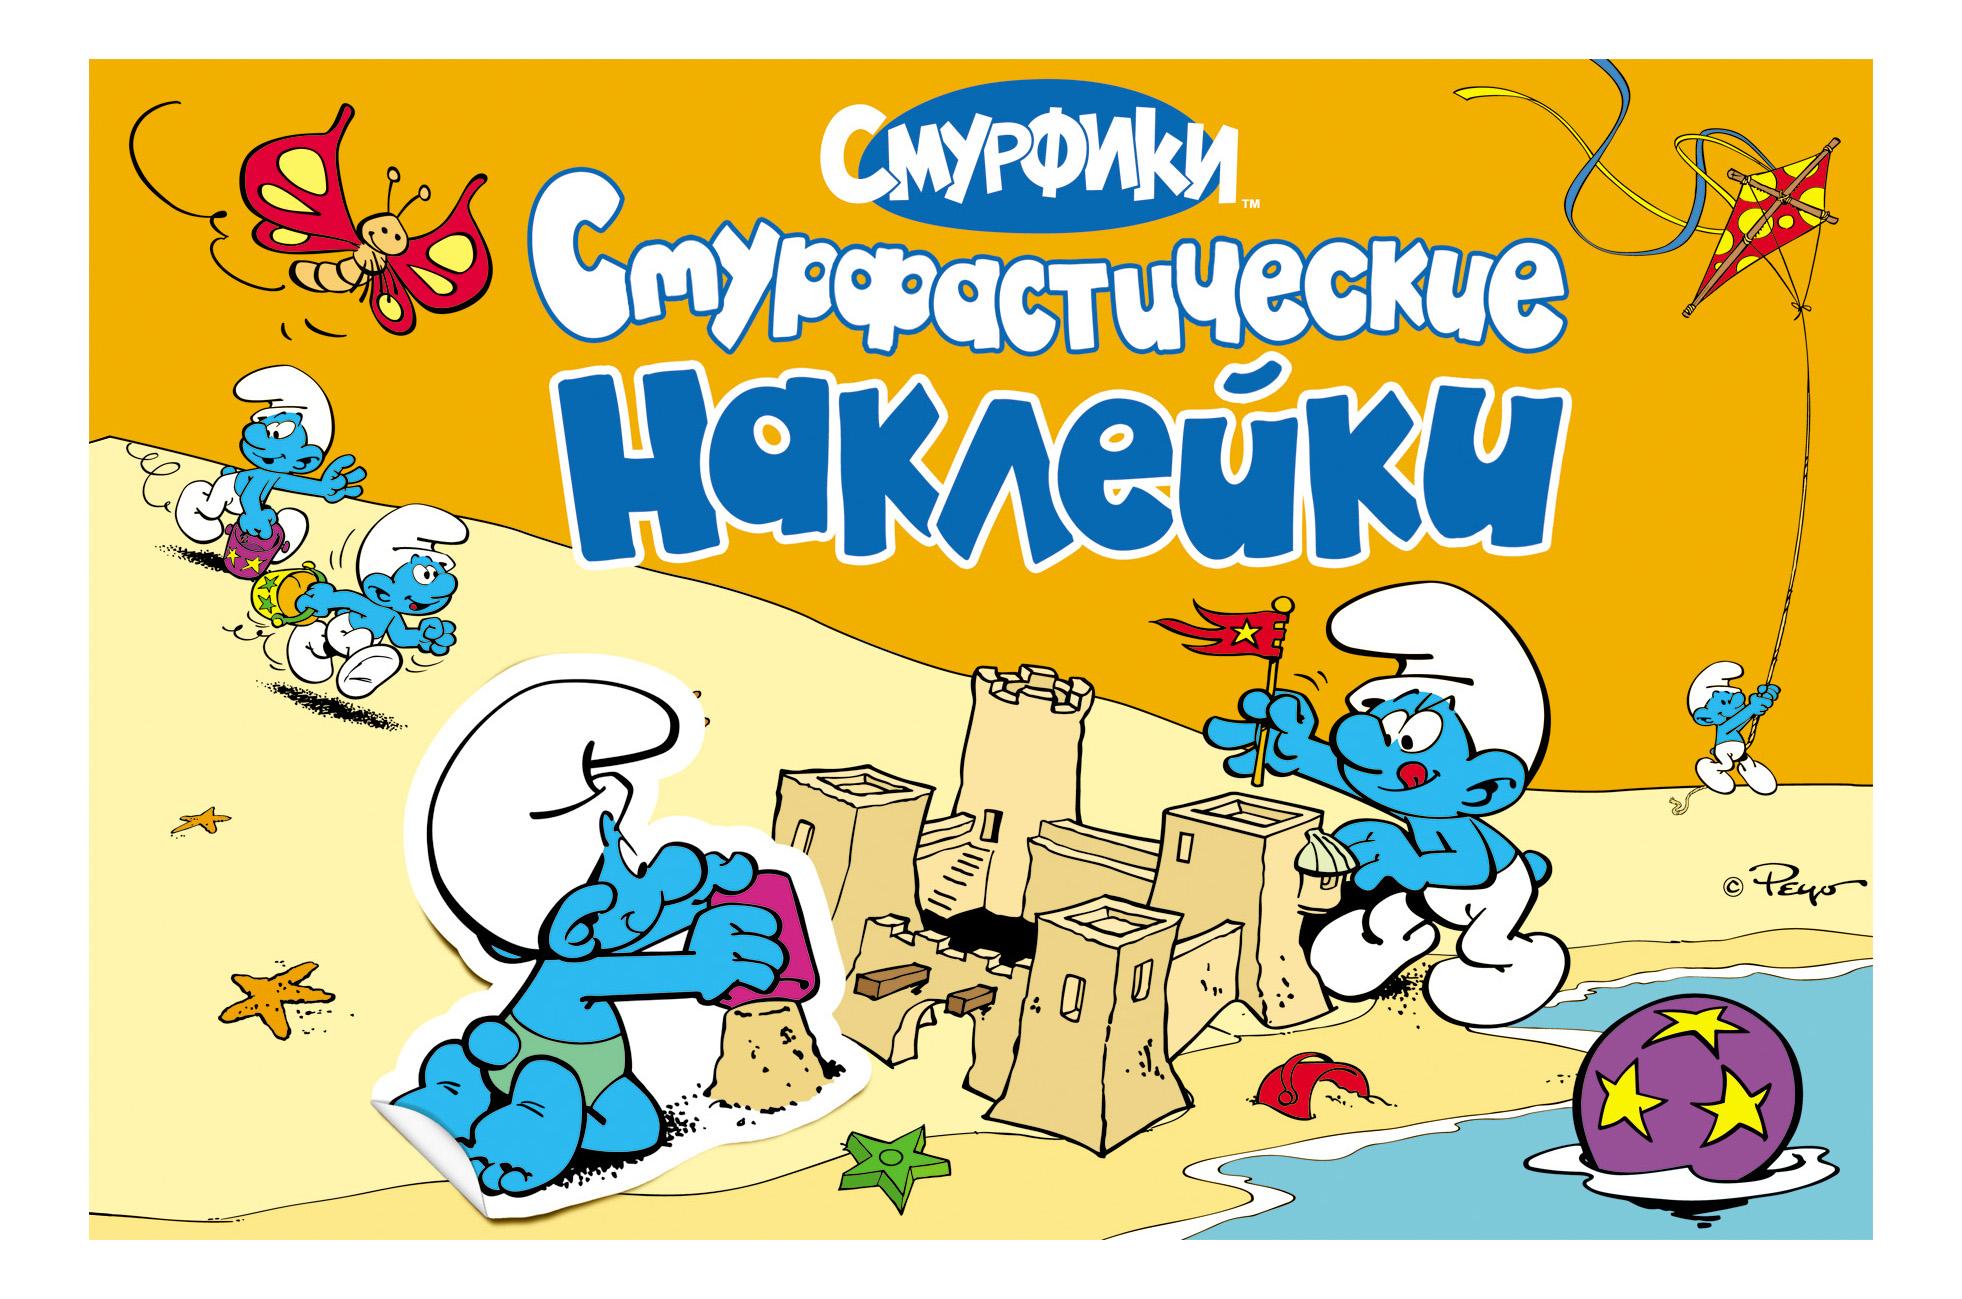 Наклейка декоративная для детской комнаты Росмэн Смурфастические наклейки